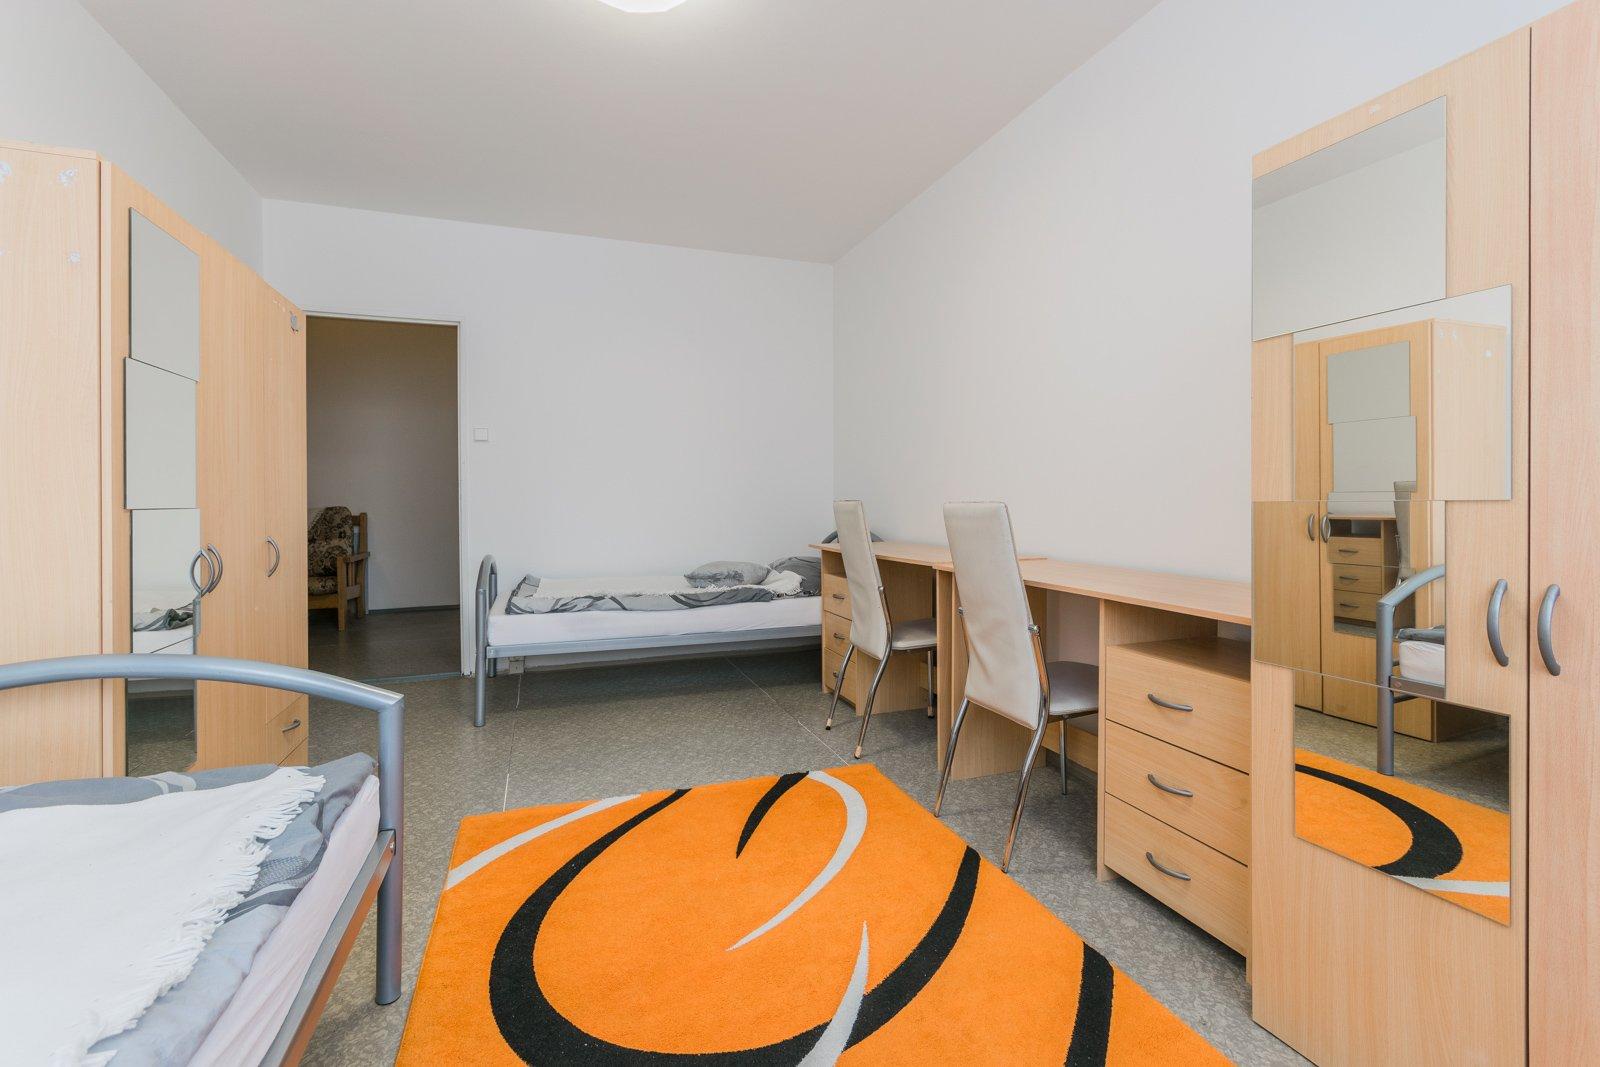 Pronájem samostatného pokoje 16 m2